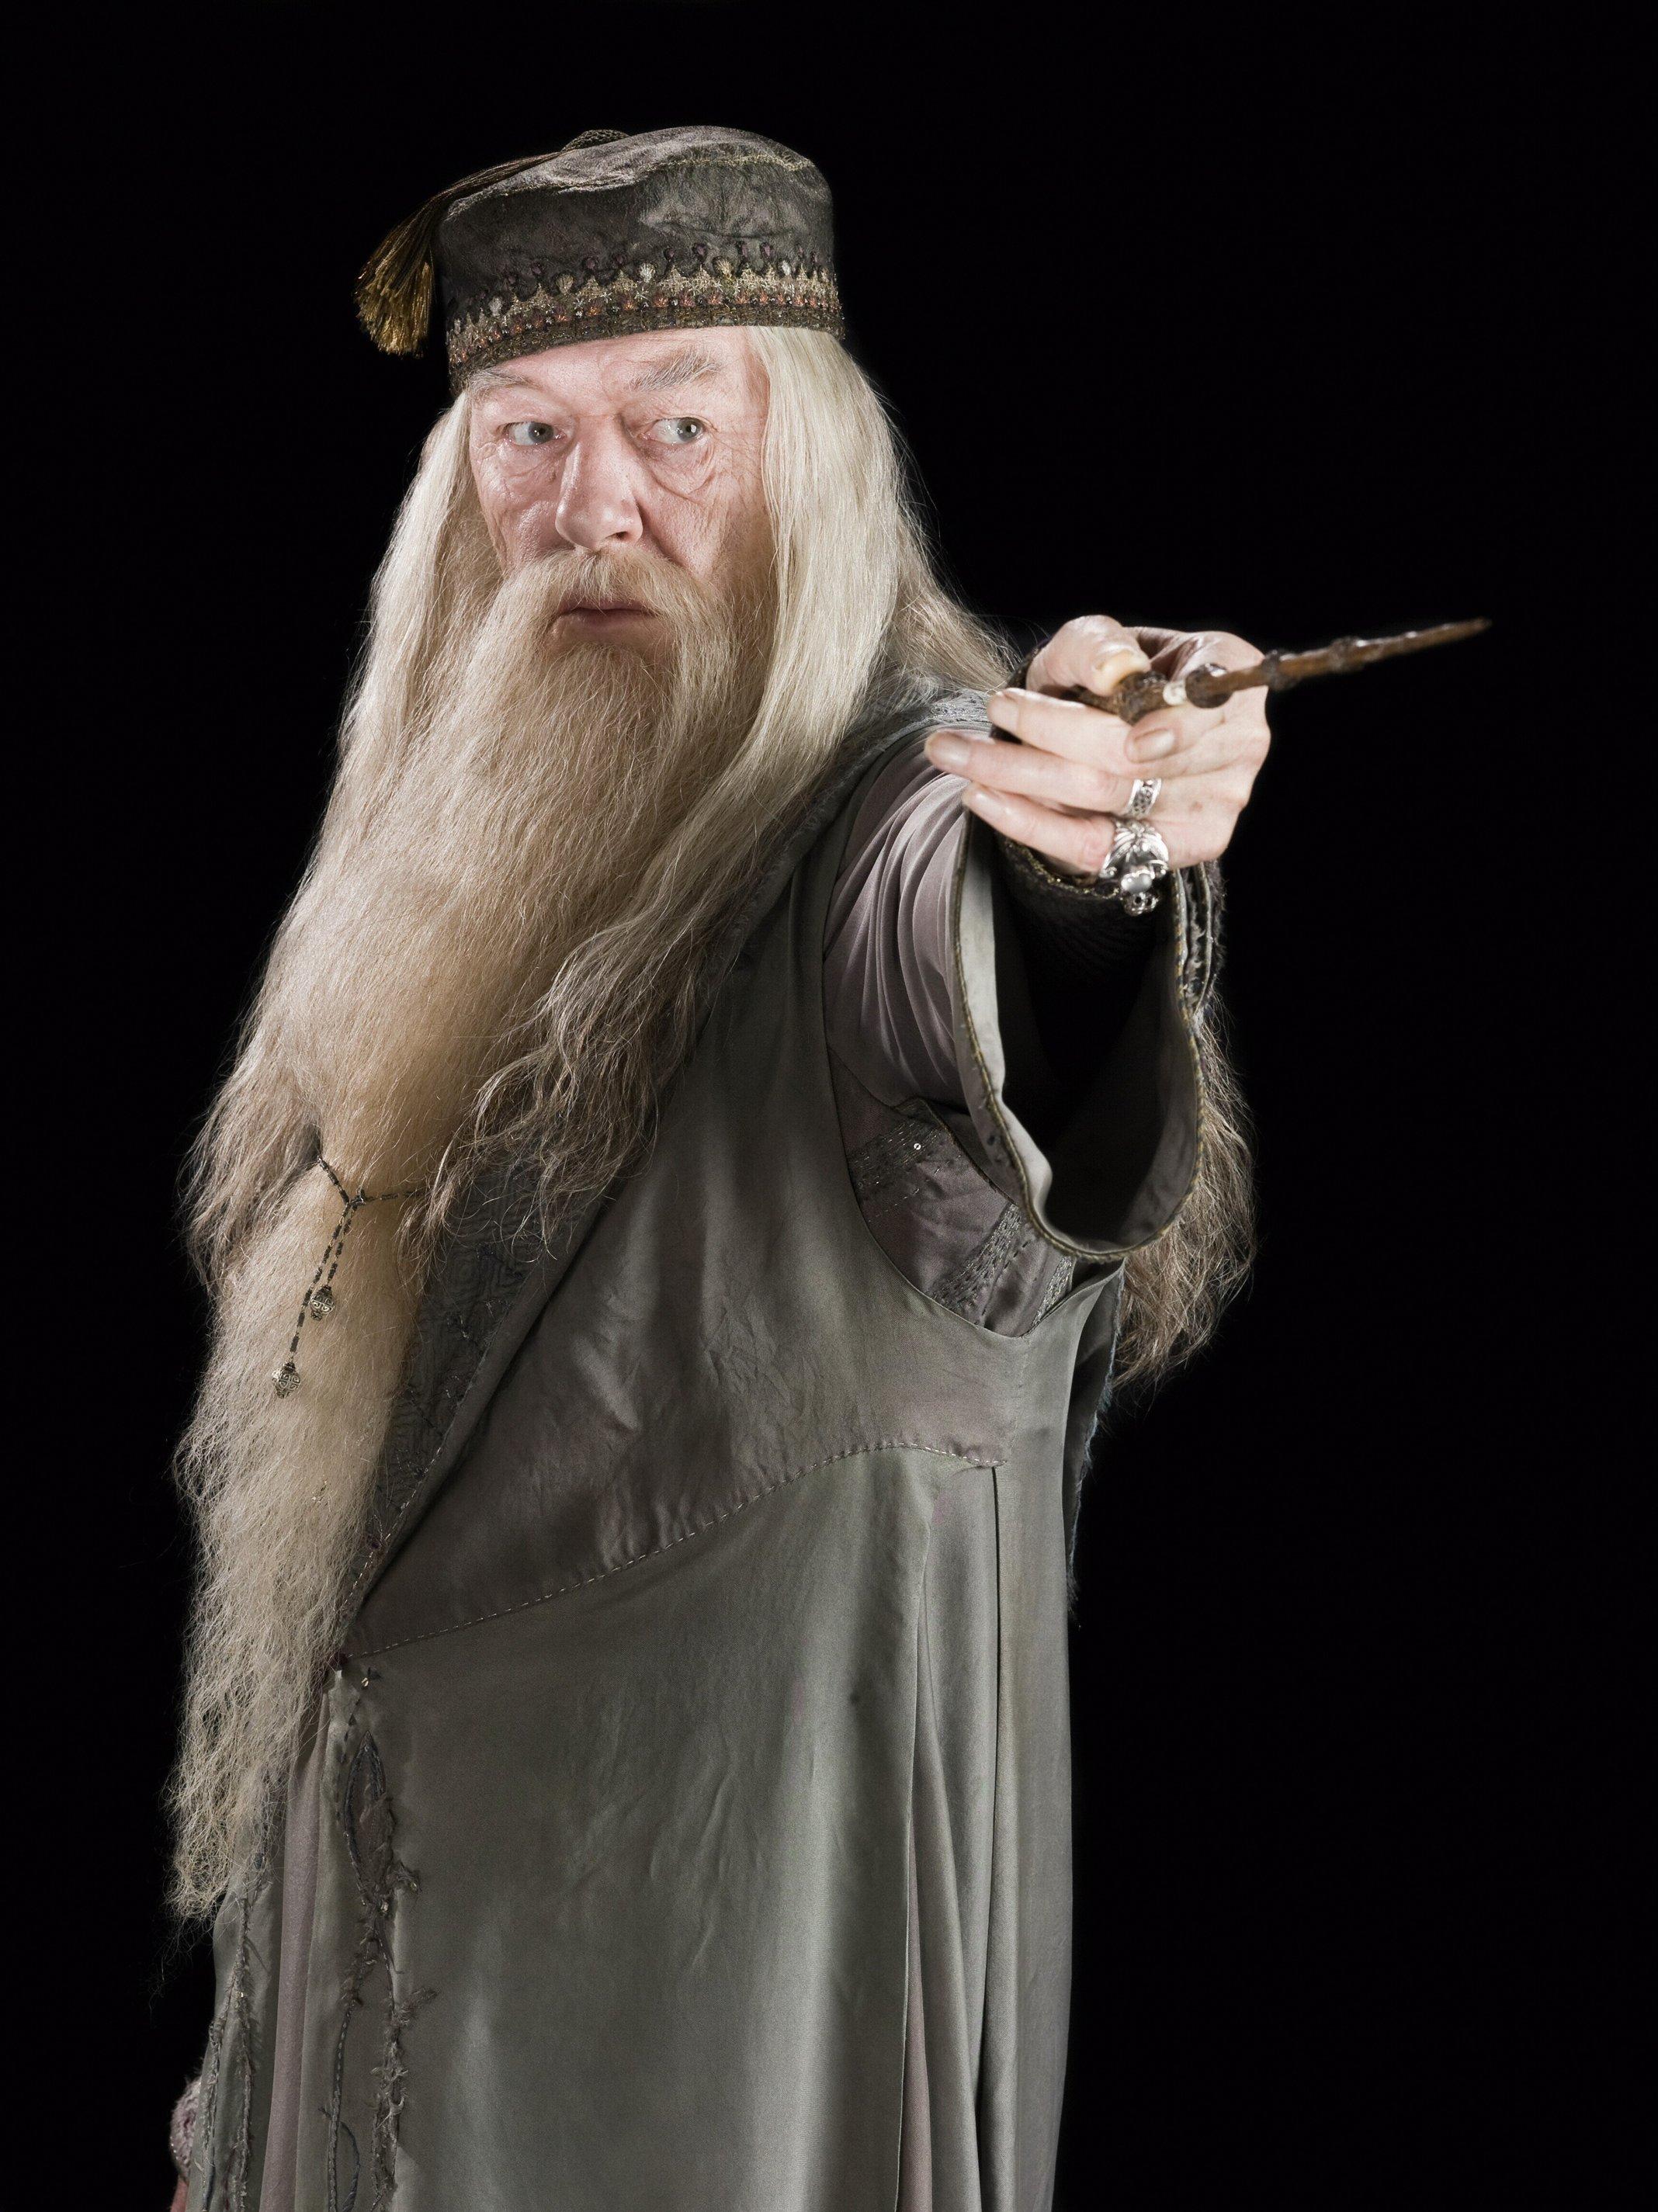 Albus_Dumbledore_(HBP_promo)_3